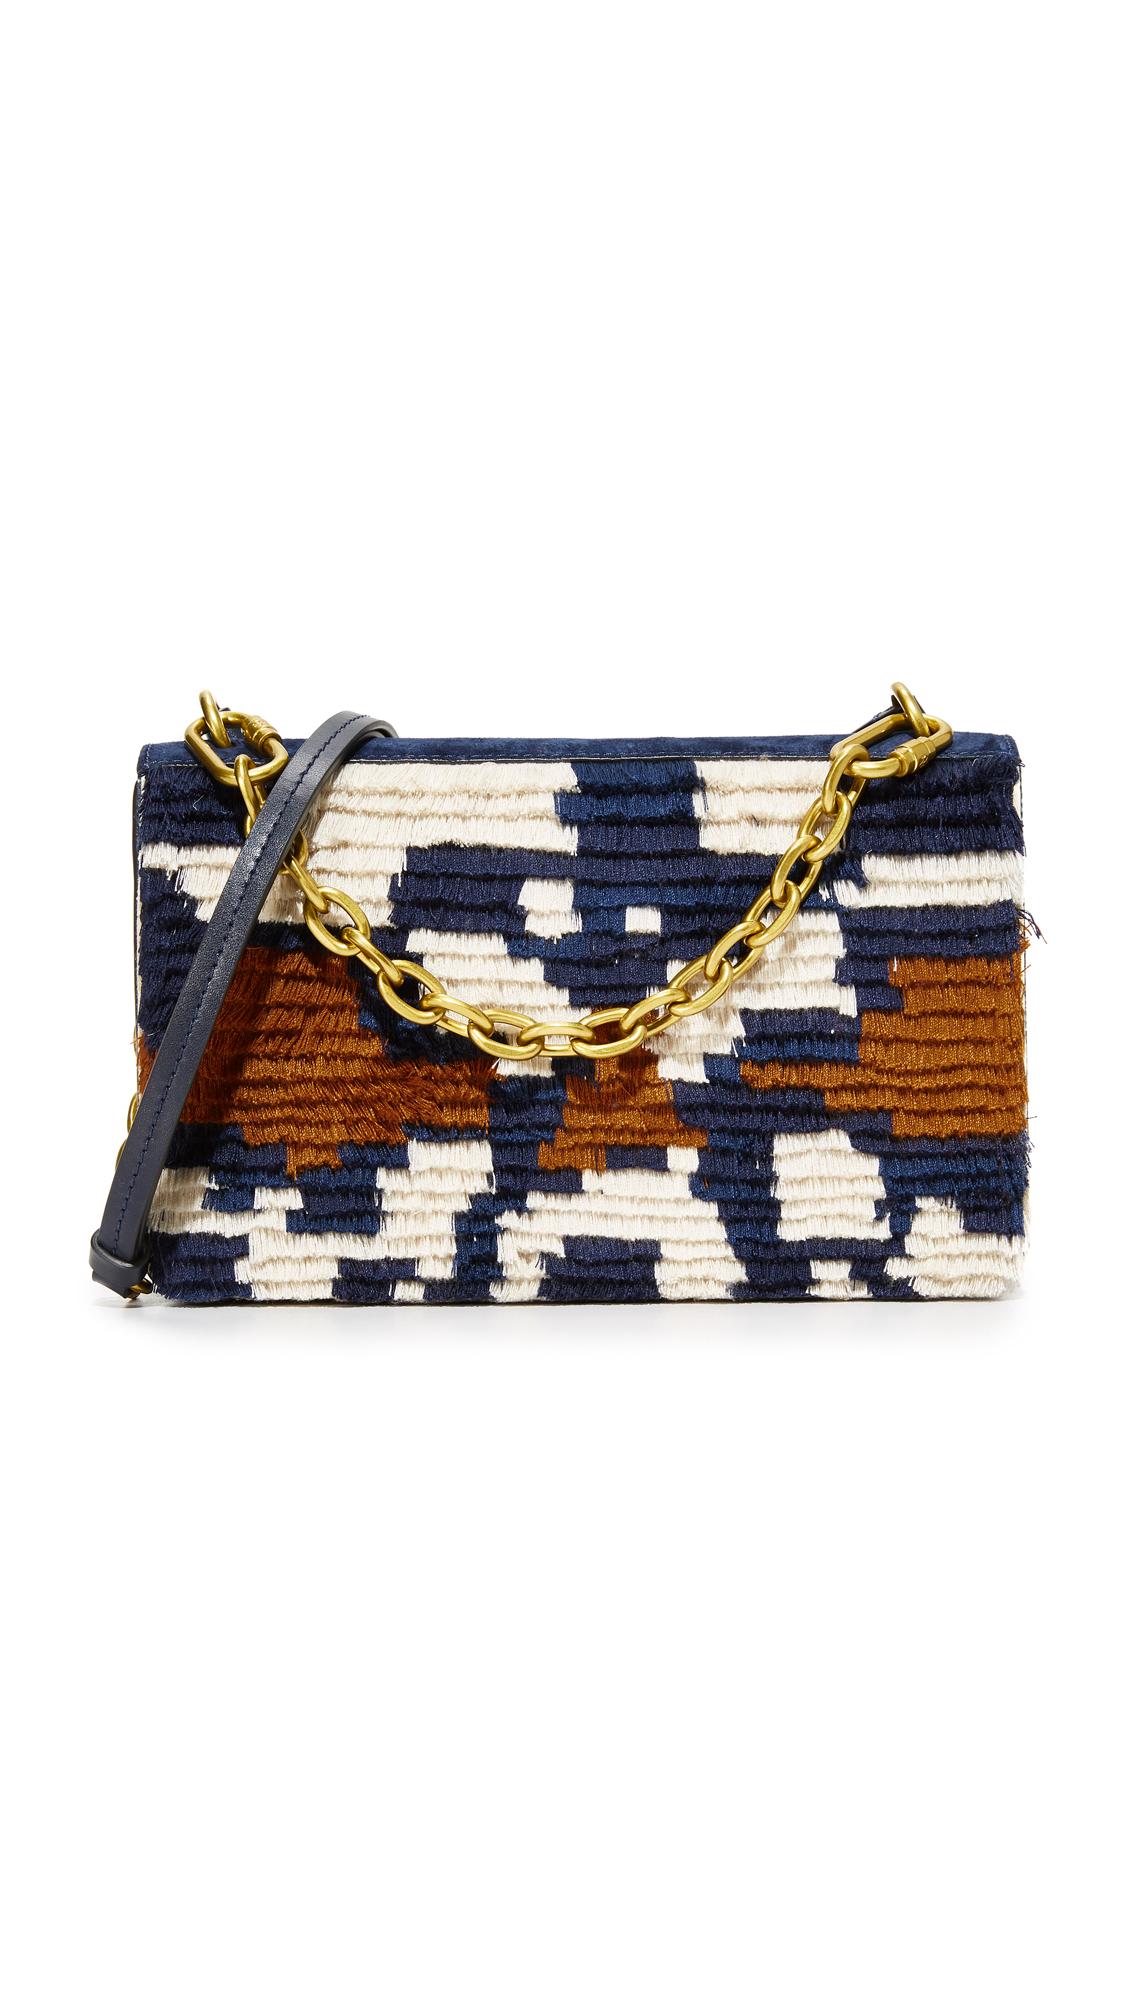 Tory Burch Sadie Shoulder Bag - Multi